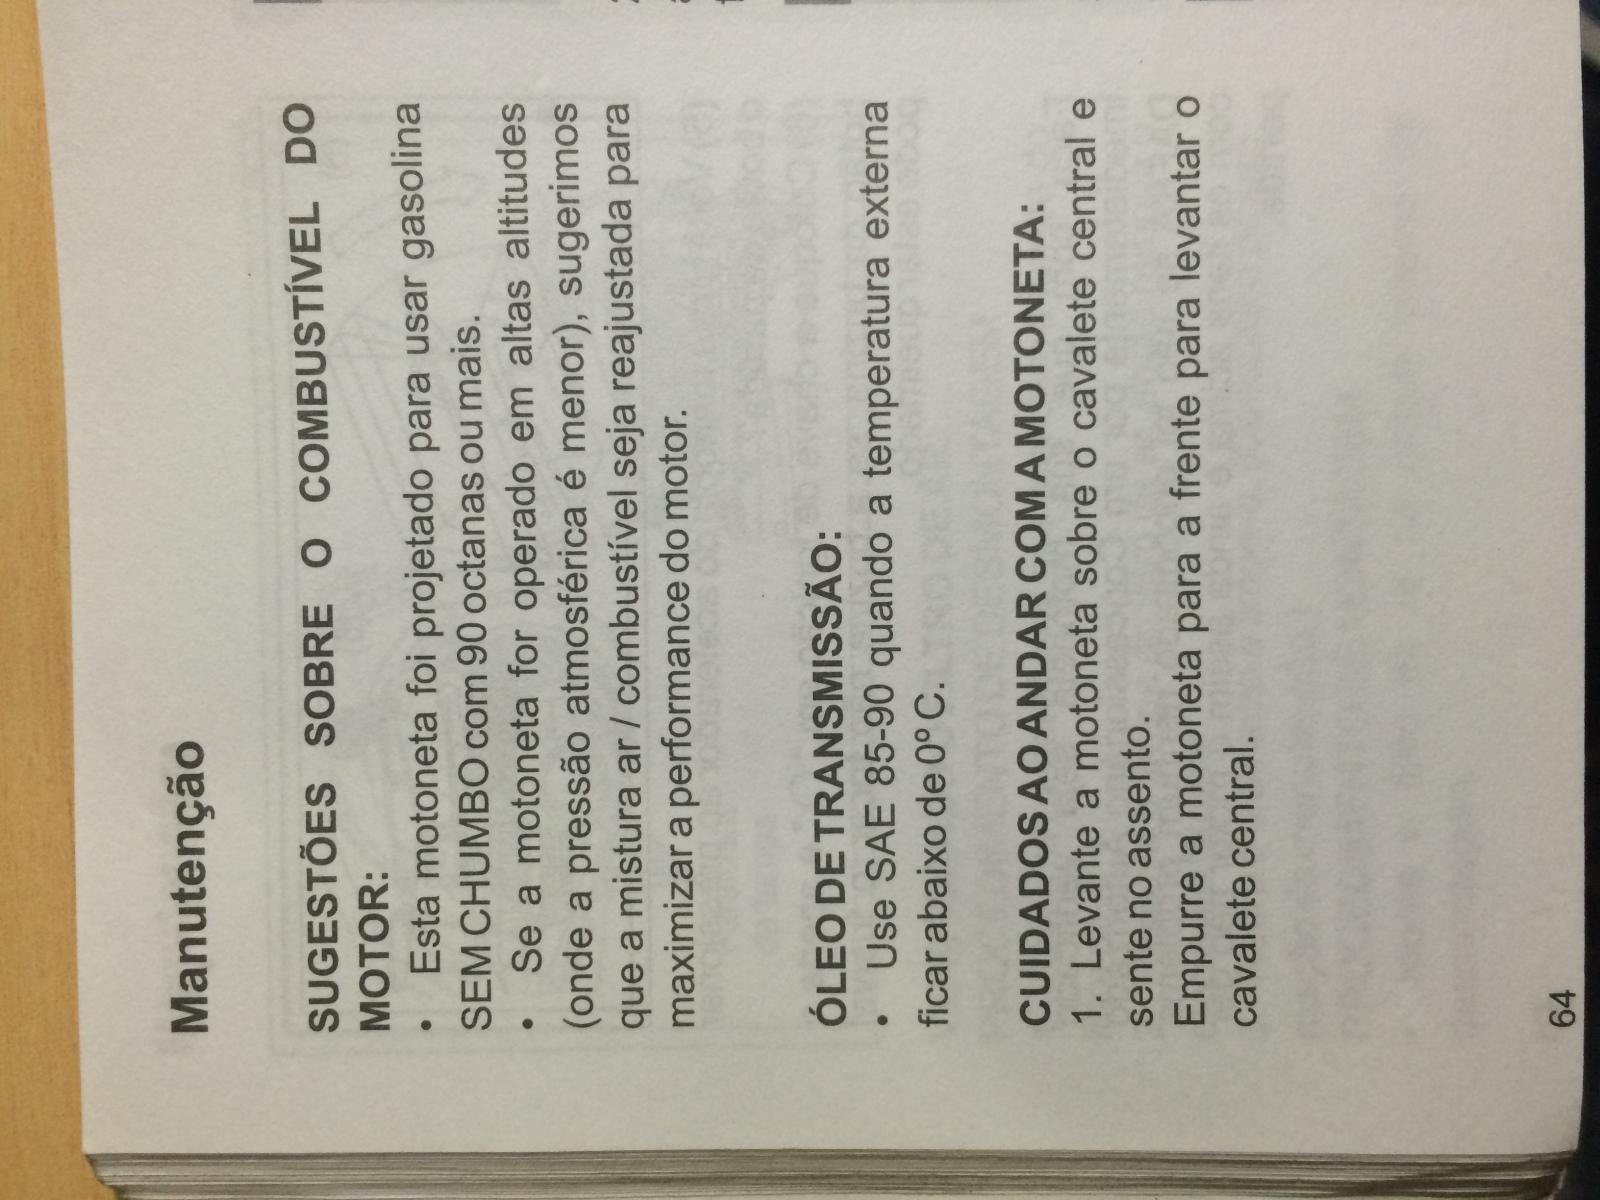 OLEO DA TRANSMISSÃO 27zc295